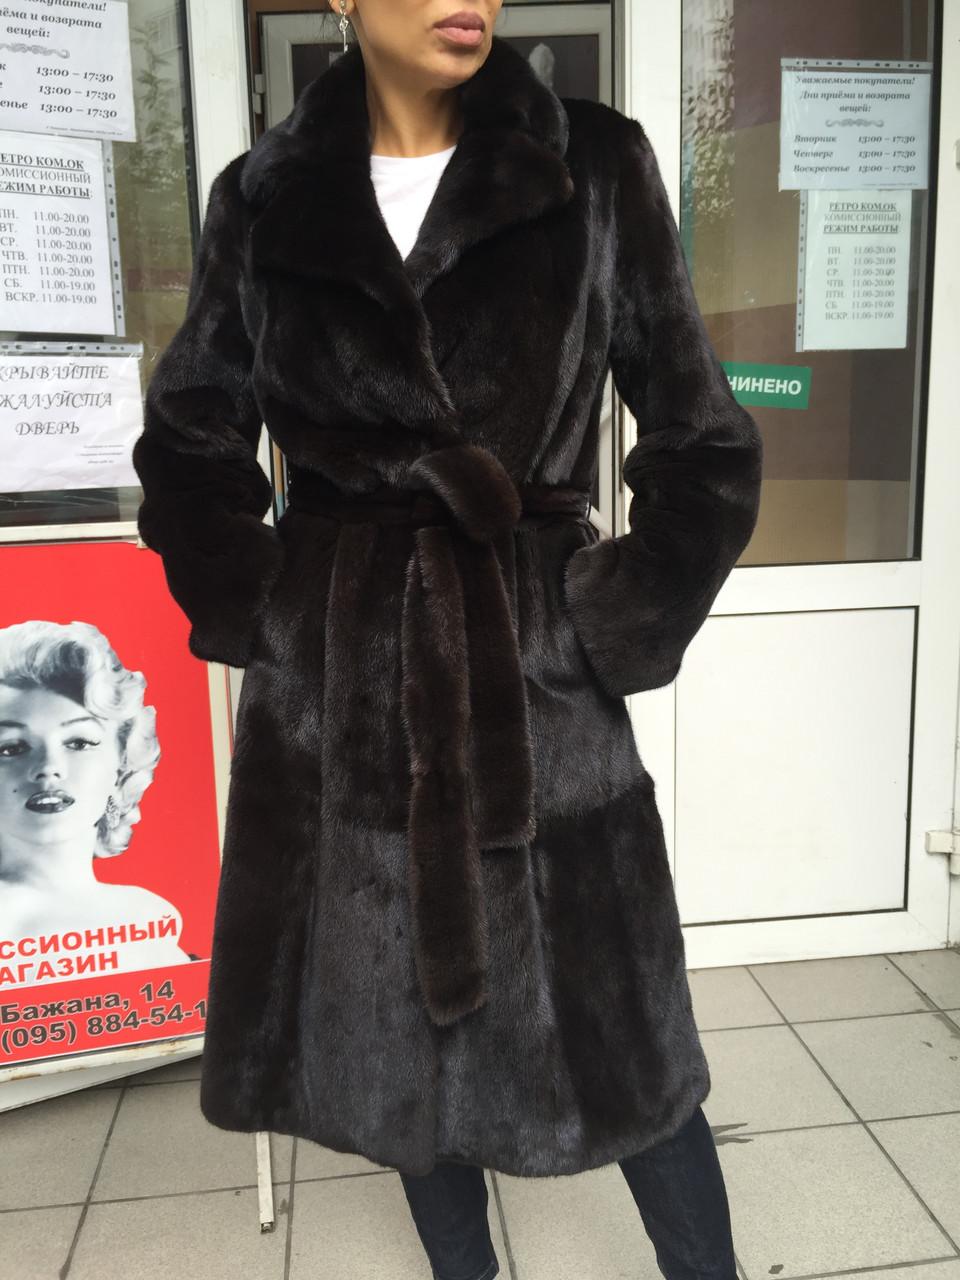 Одежда Женская Купить